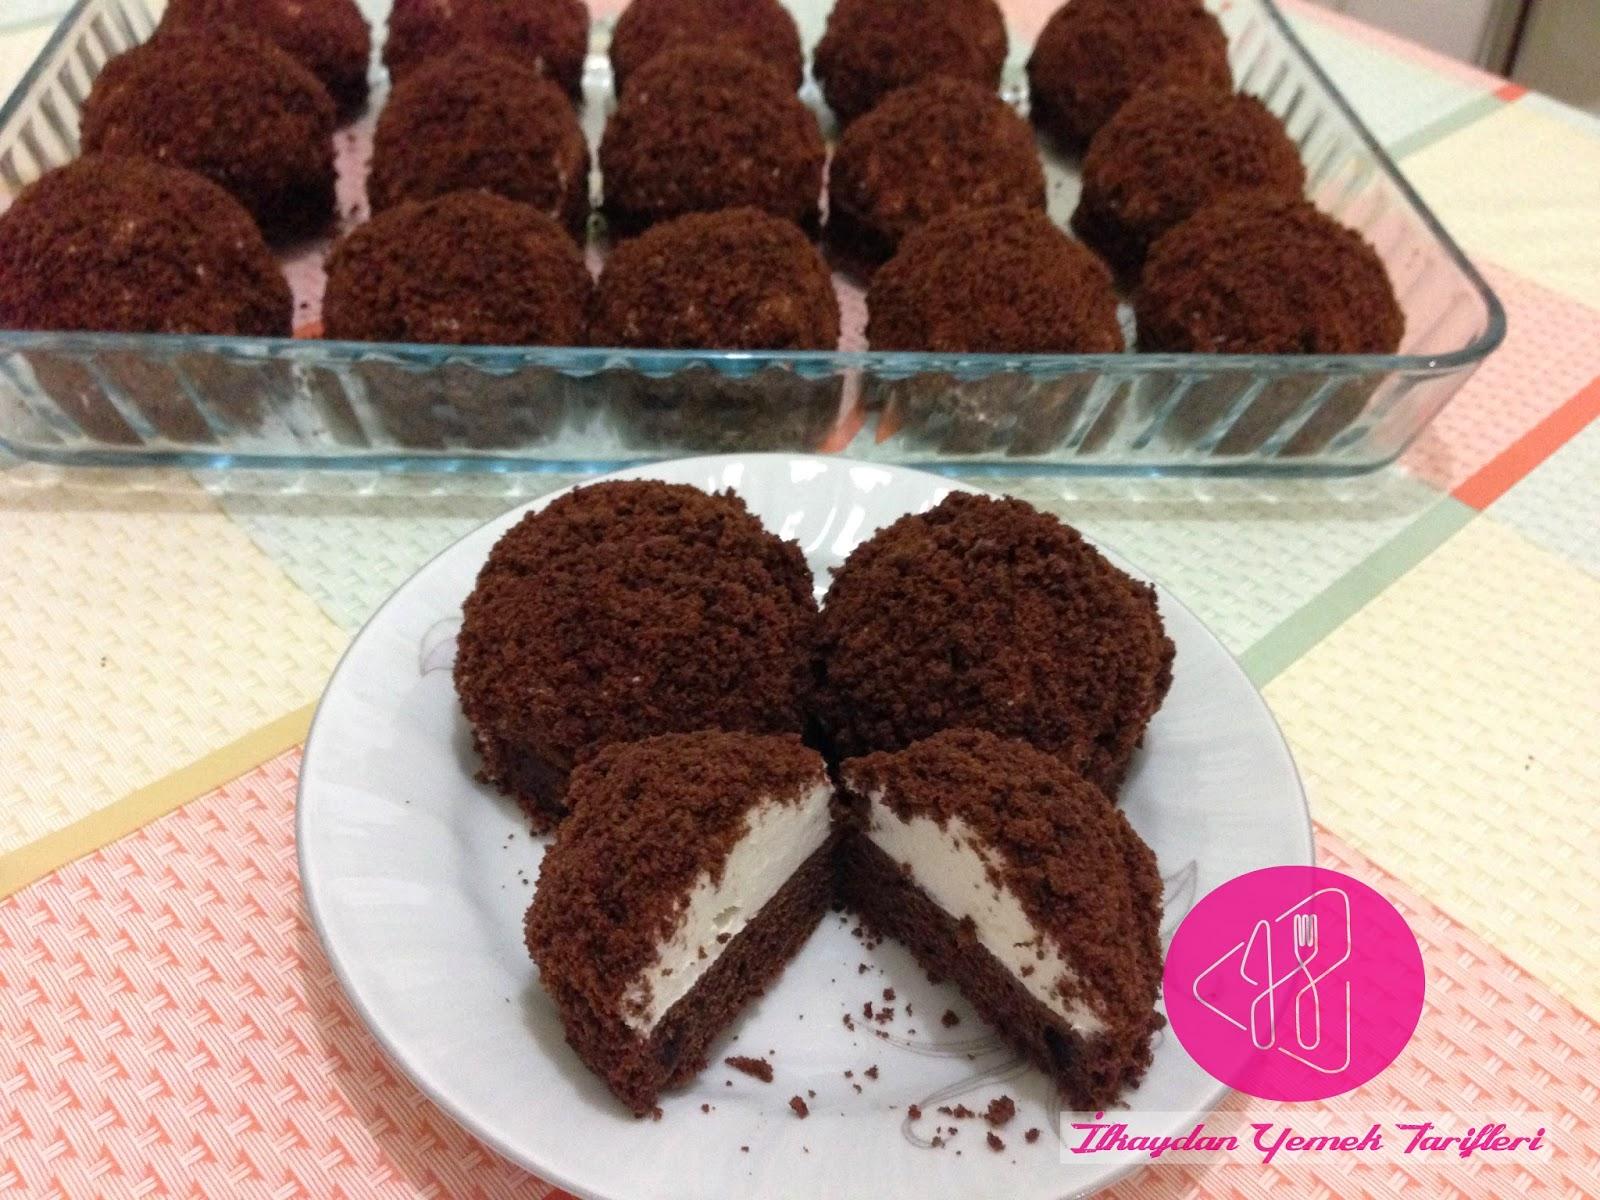 Çikolatalı kek için çikolatalı krema hazırlıyoruz: tariflerin çeşitli çeşitleri